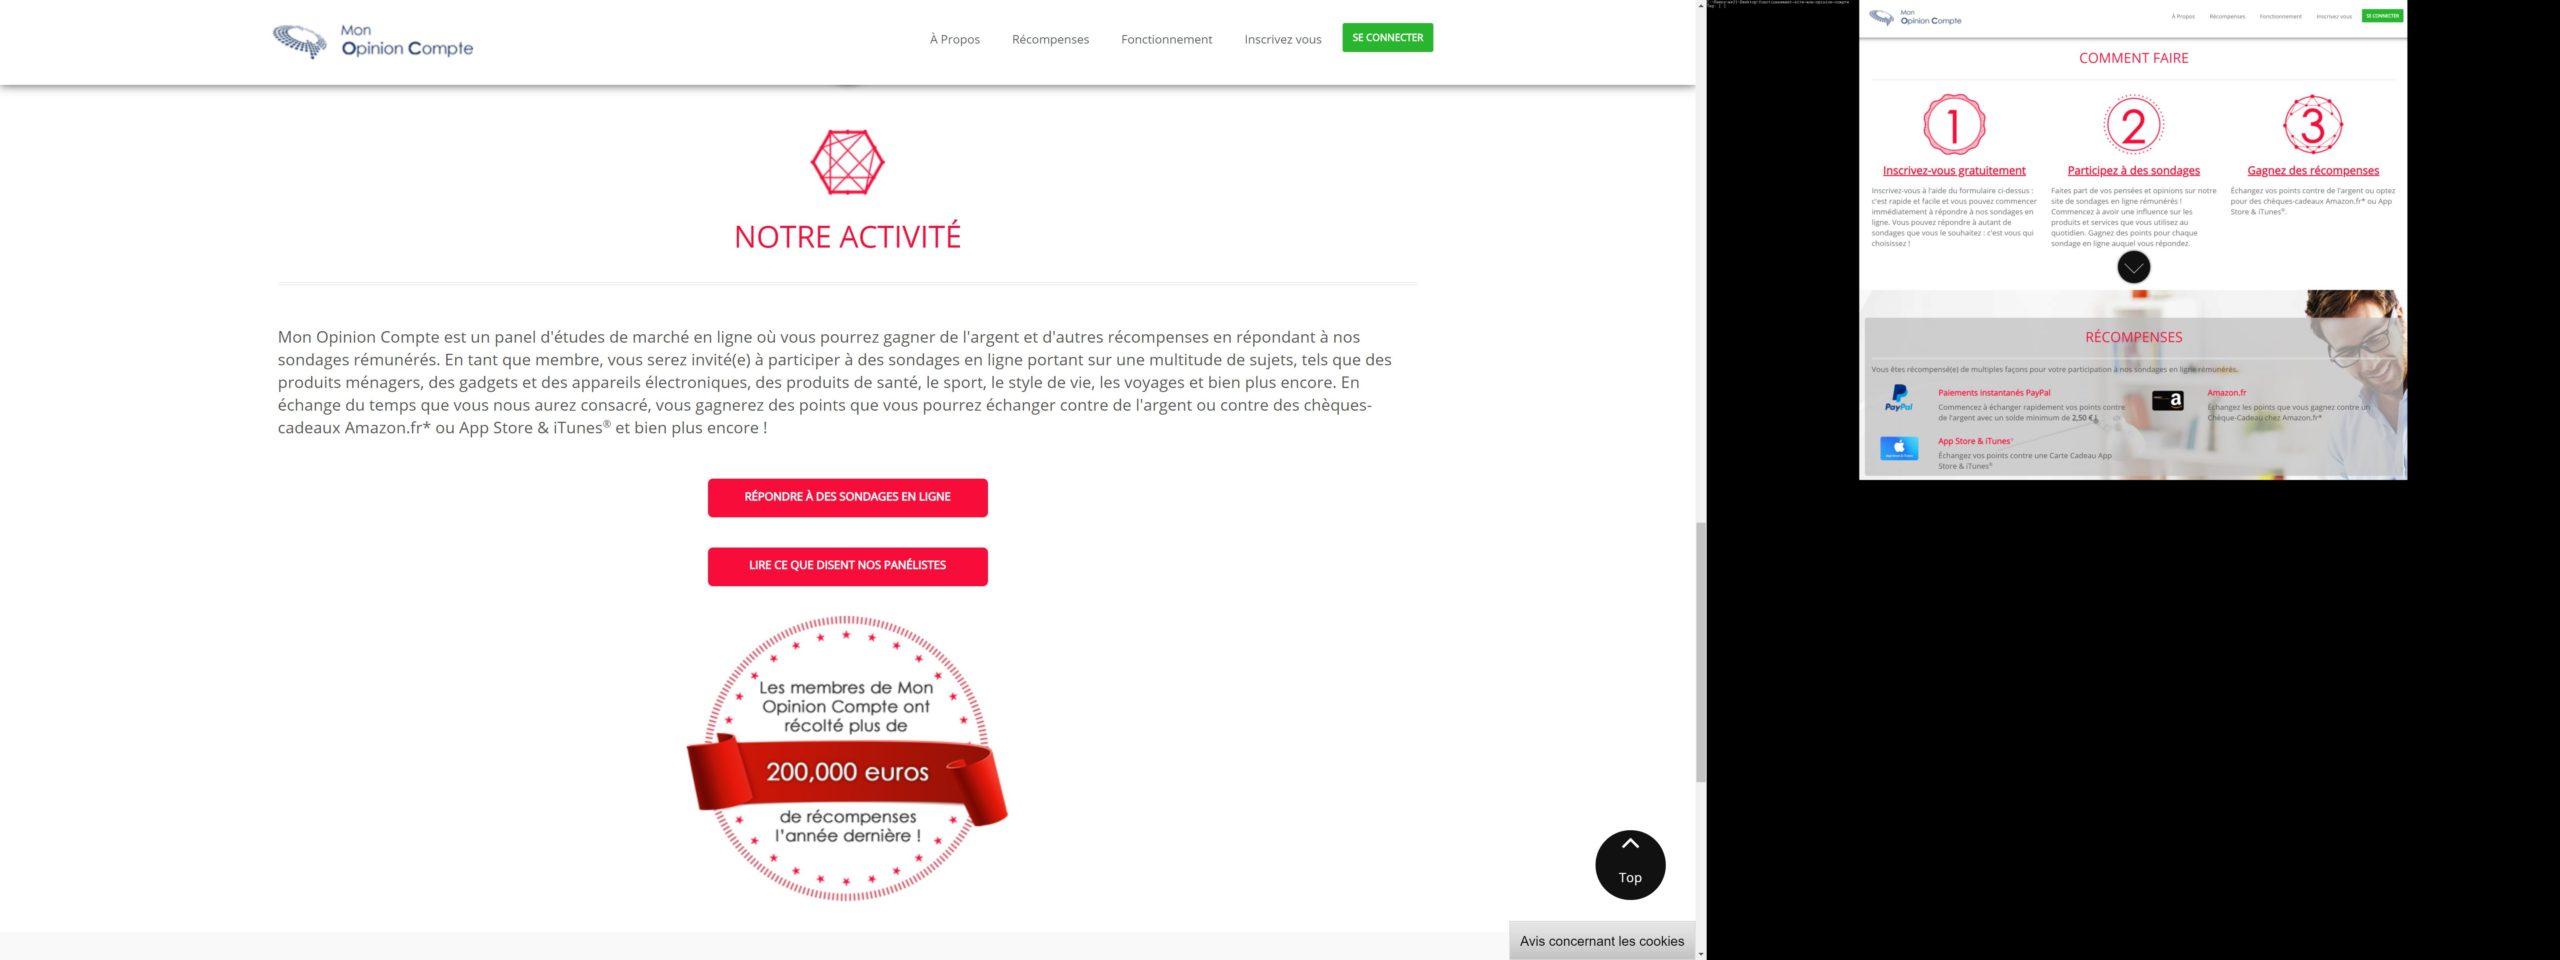 avis sur le site monopinioncompte.fr et ses sondages